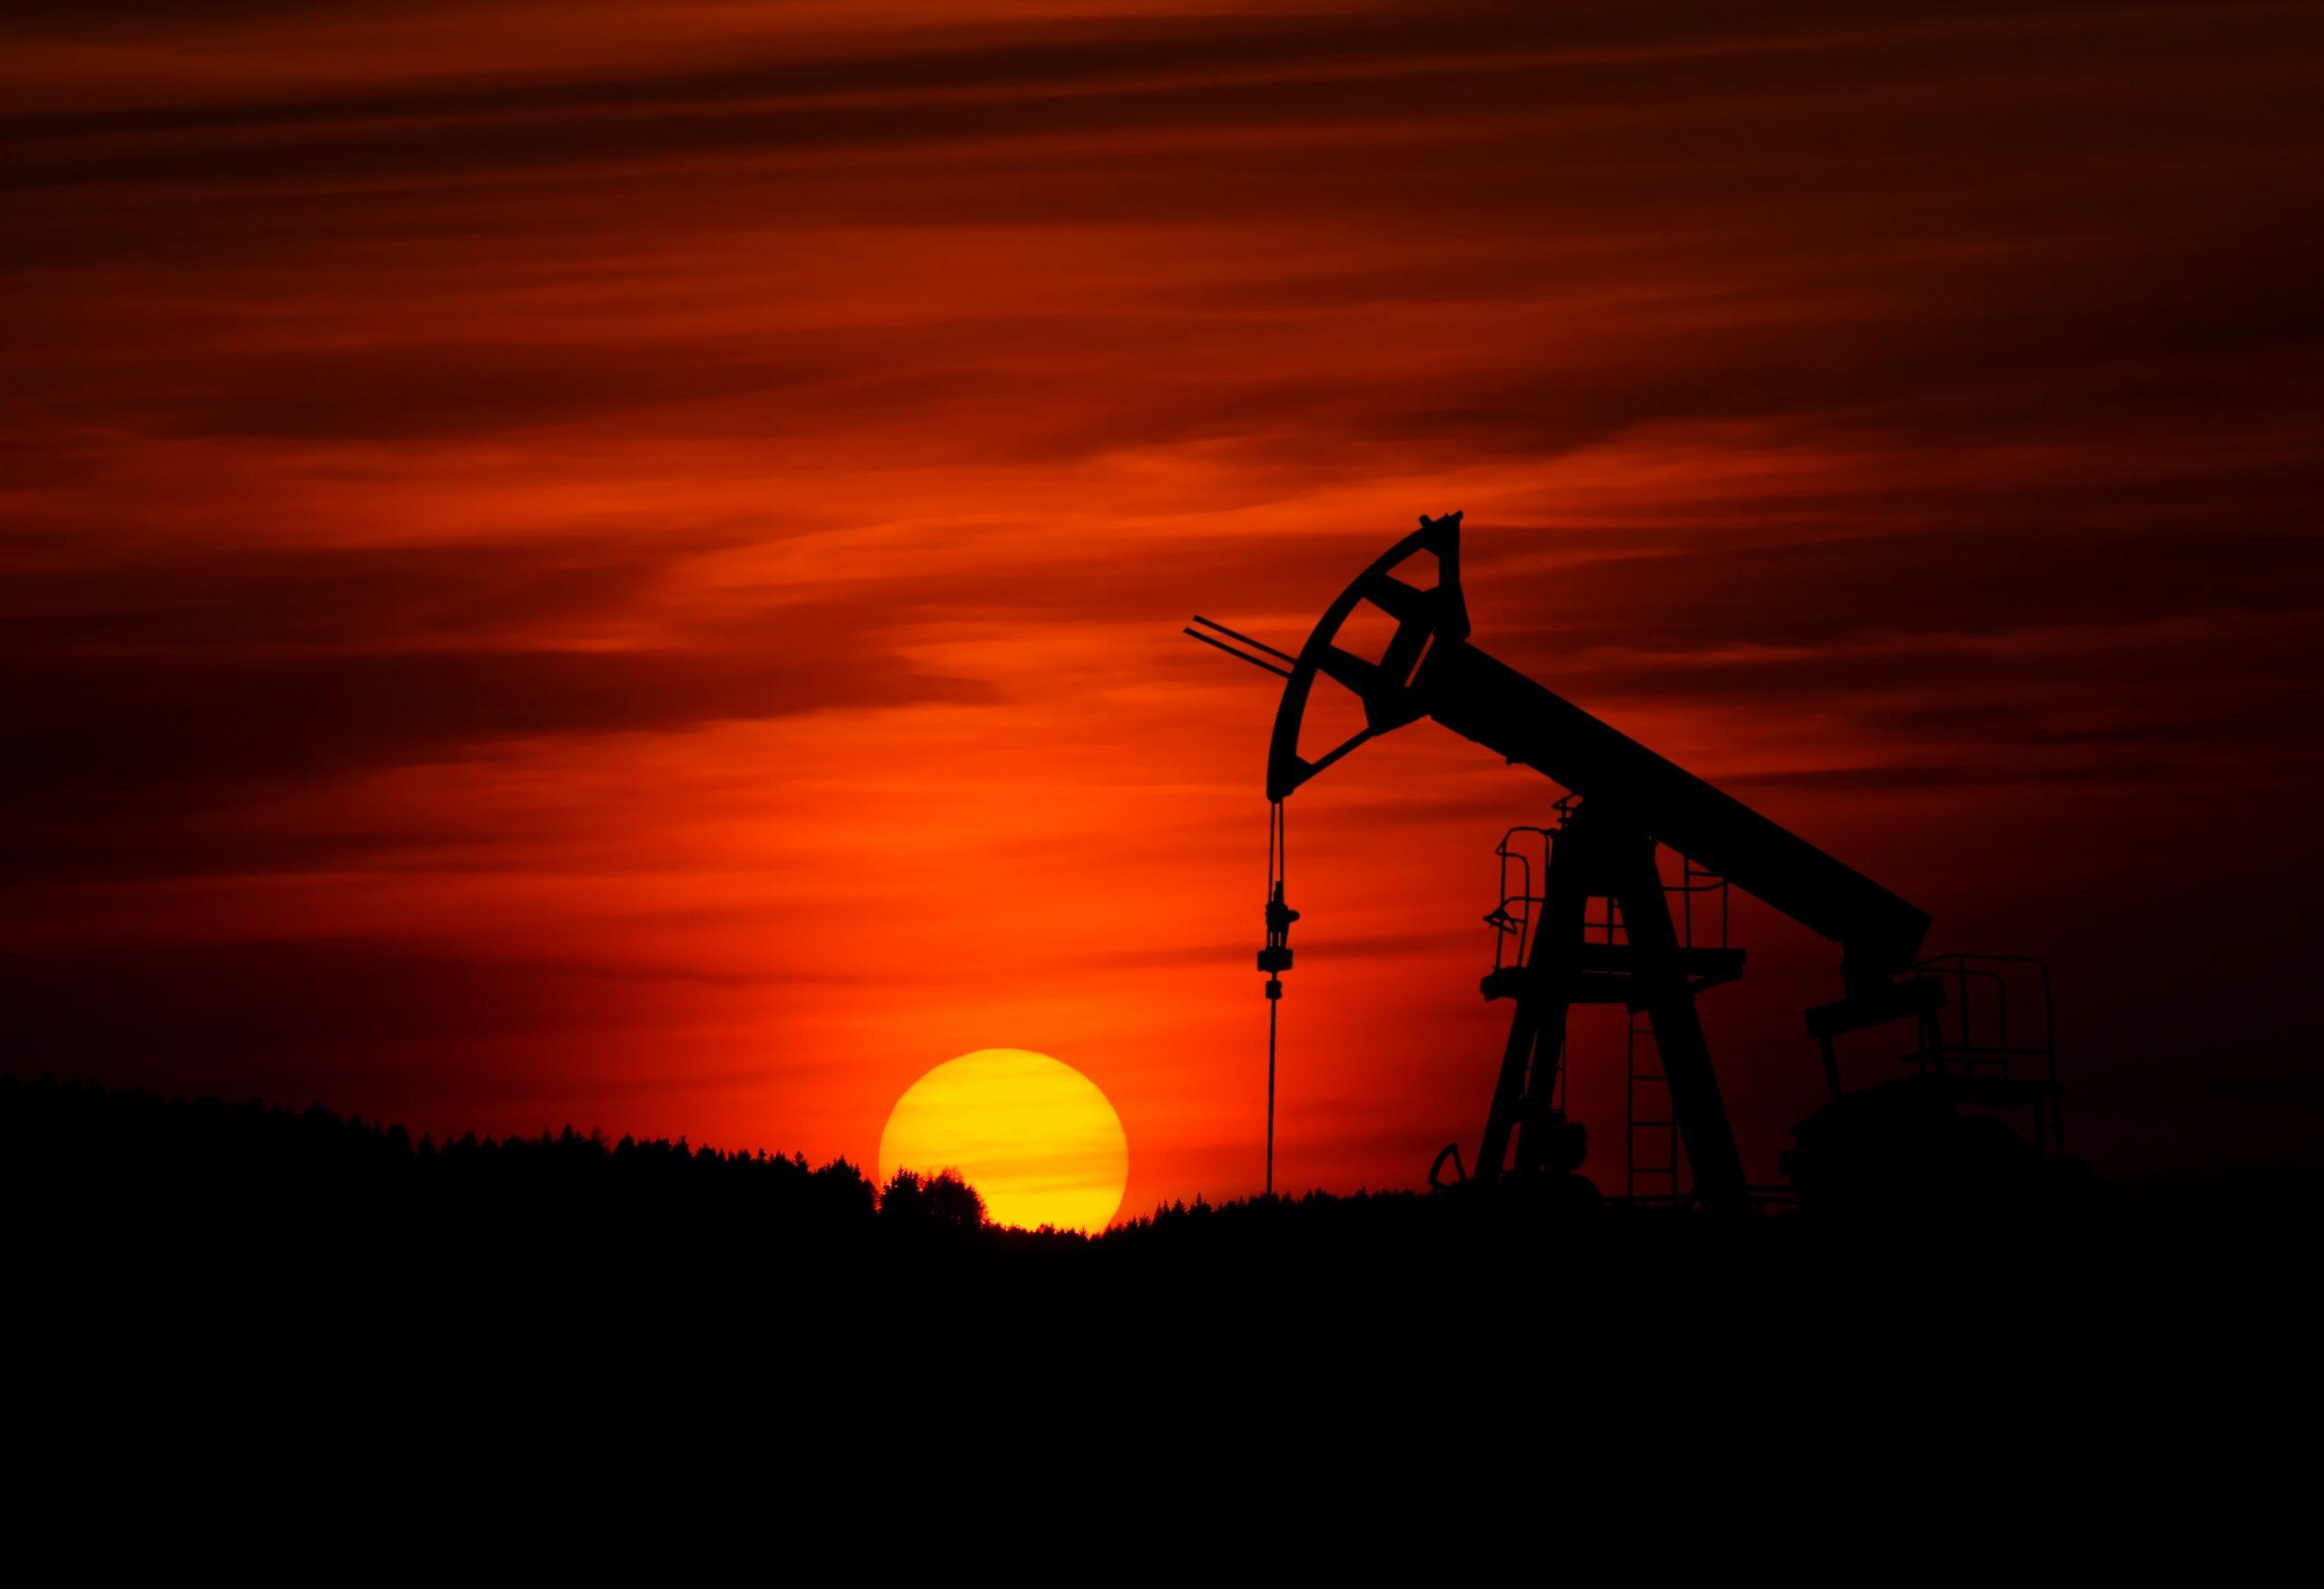 活久见!原油价格跌至负值!我们见证了一个魔幻的时代